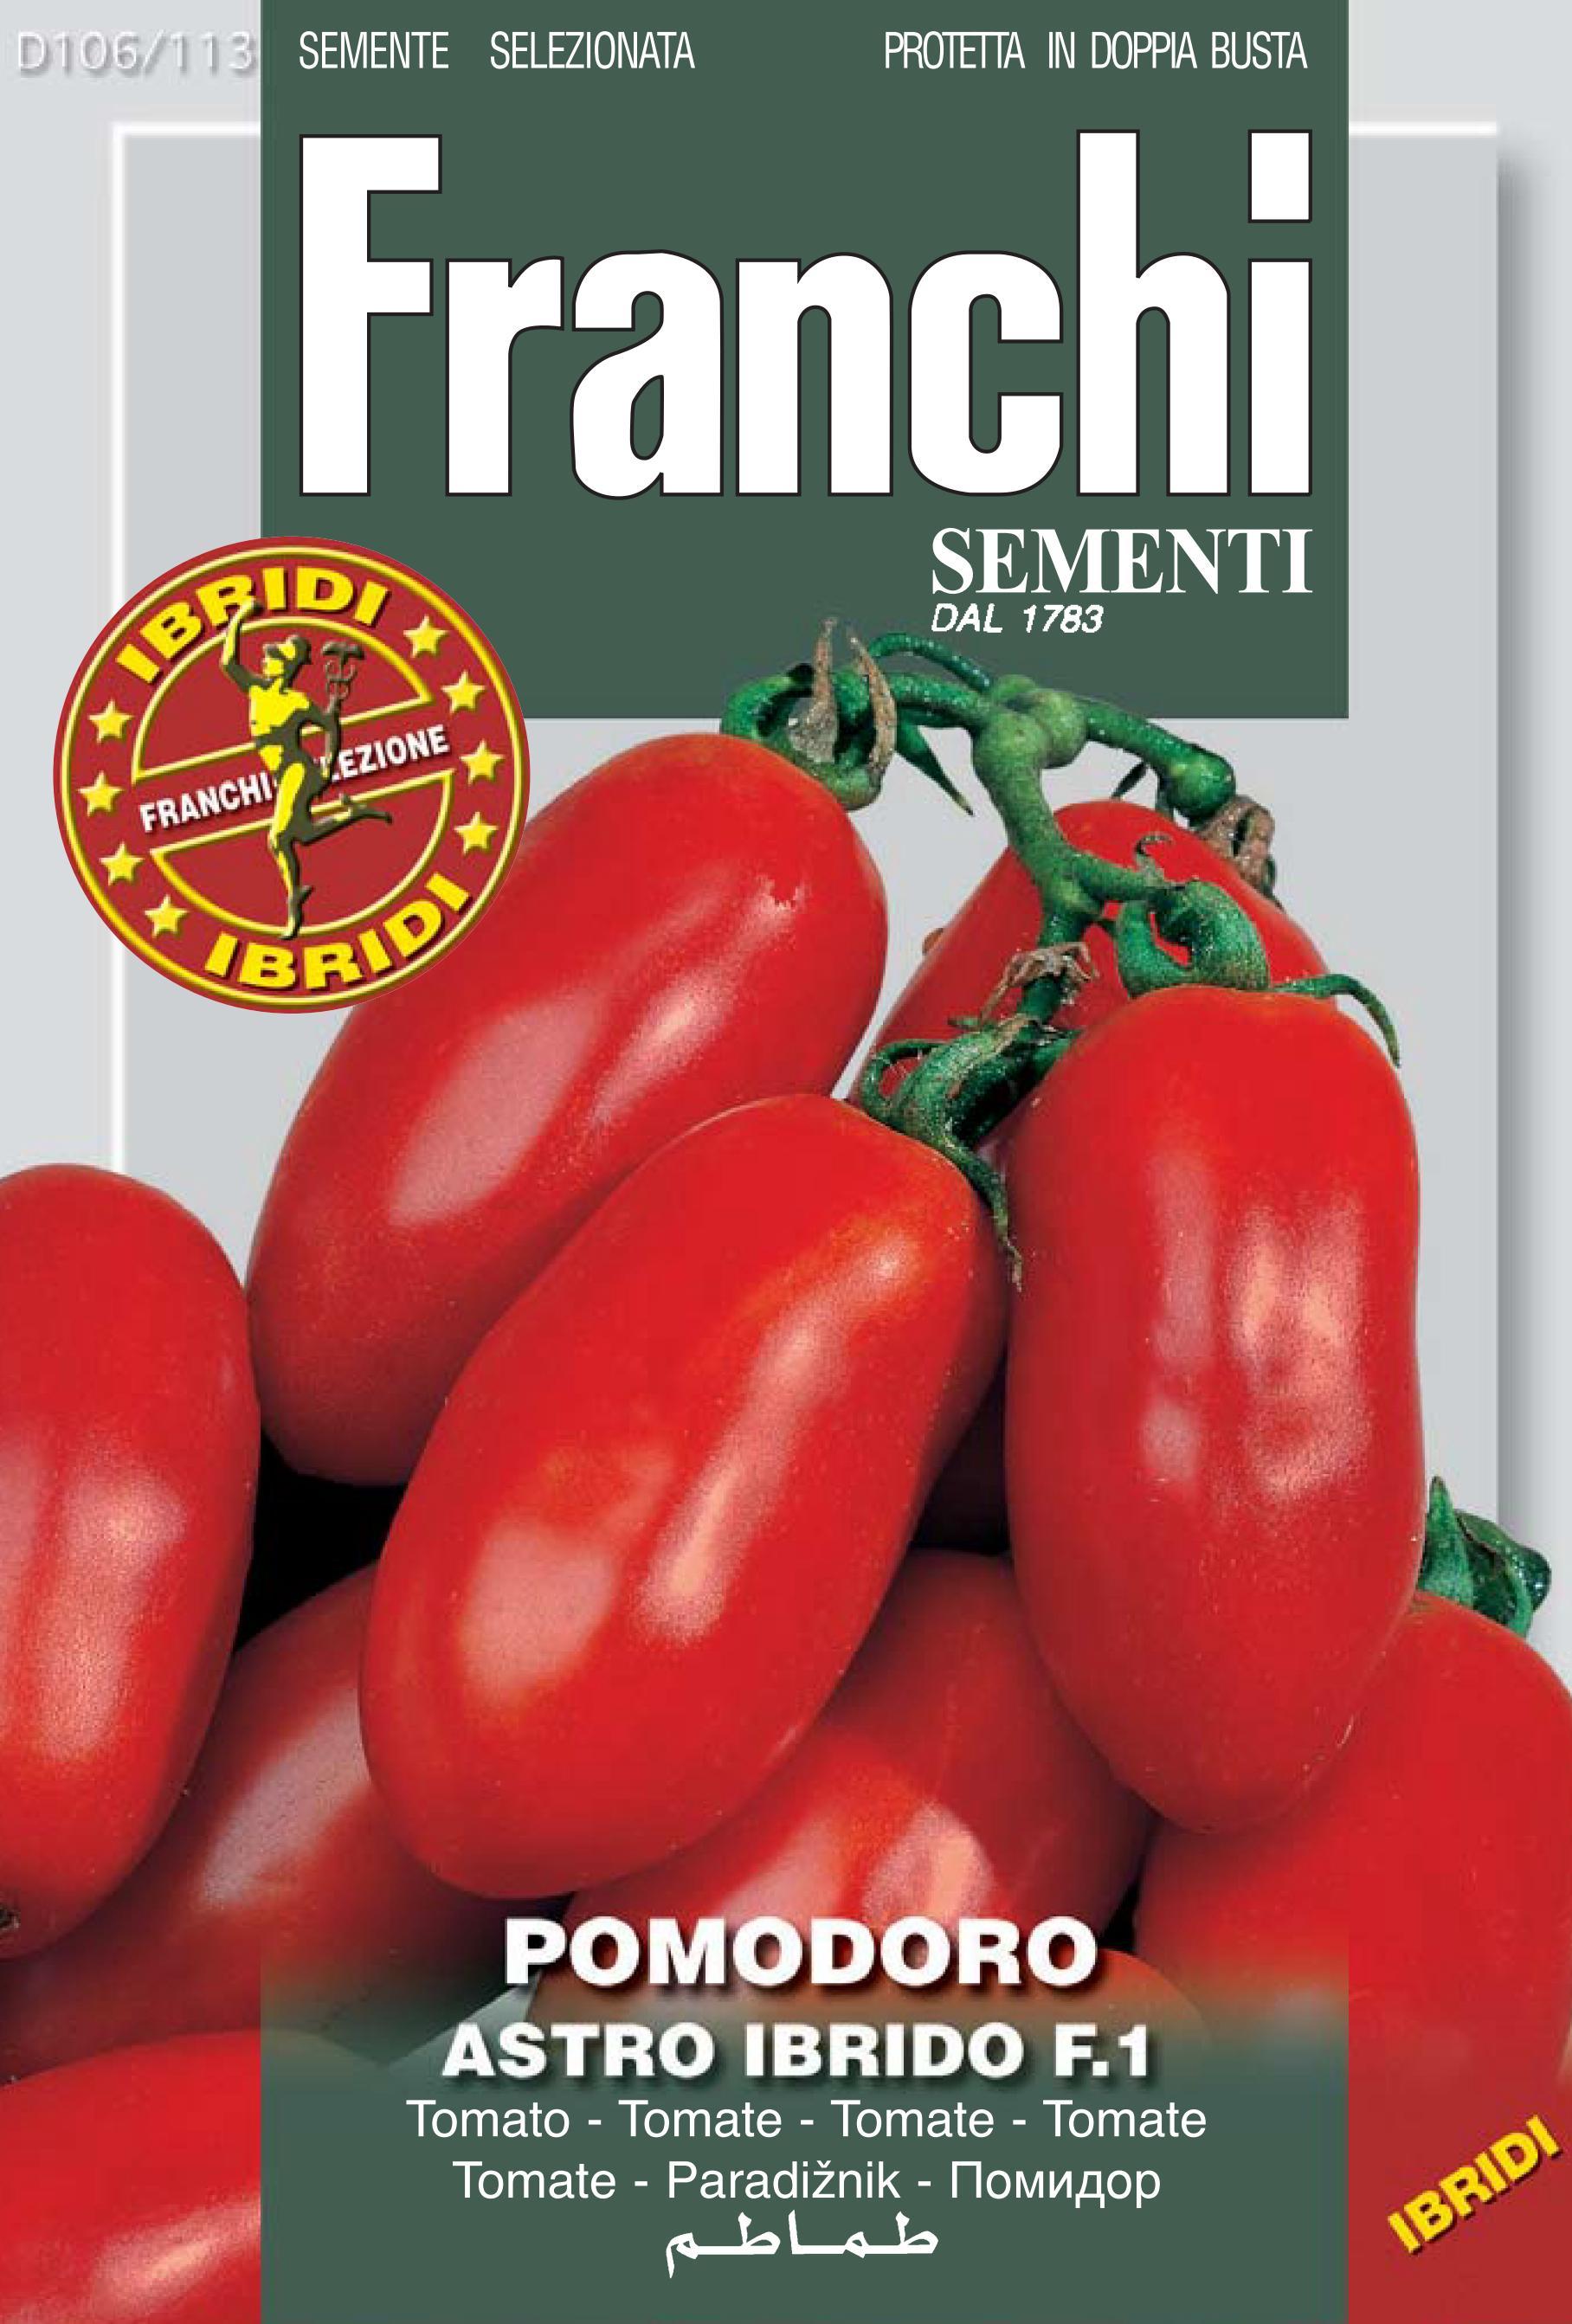 Tomato Astro Scipio F1 San Marzano Nano (A) Solanum Lycopersicum L.